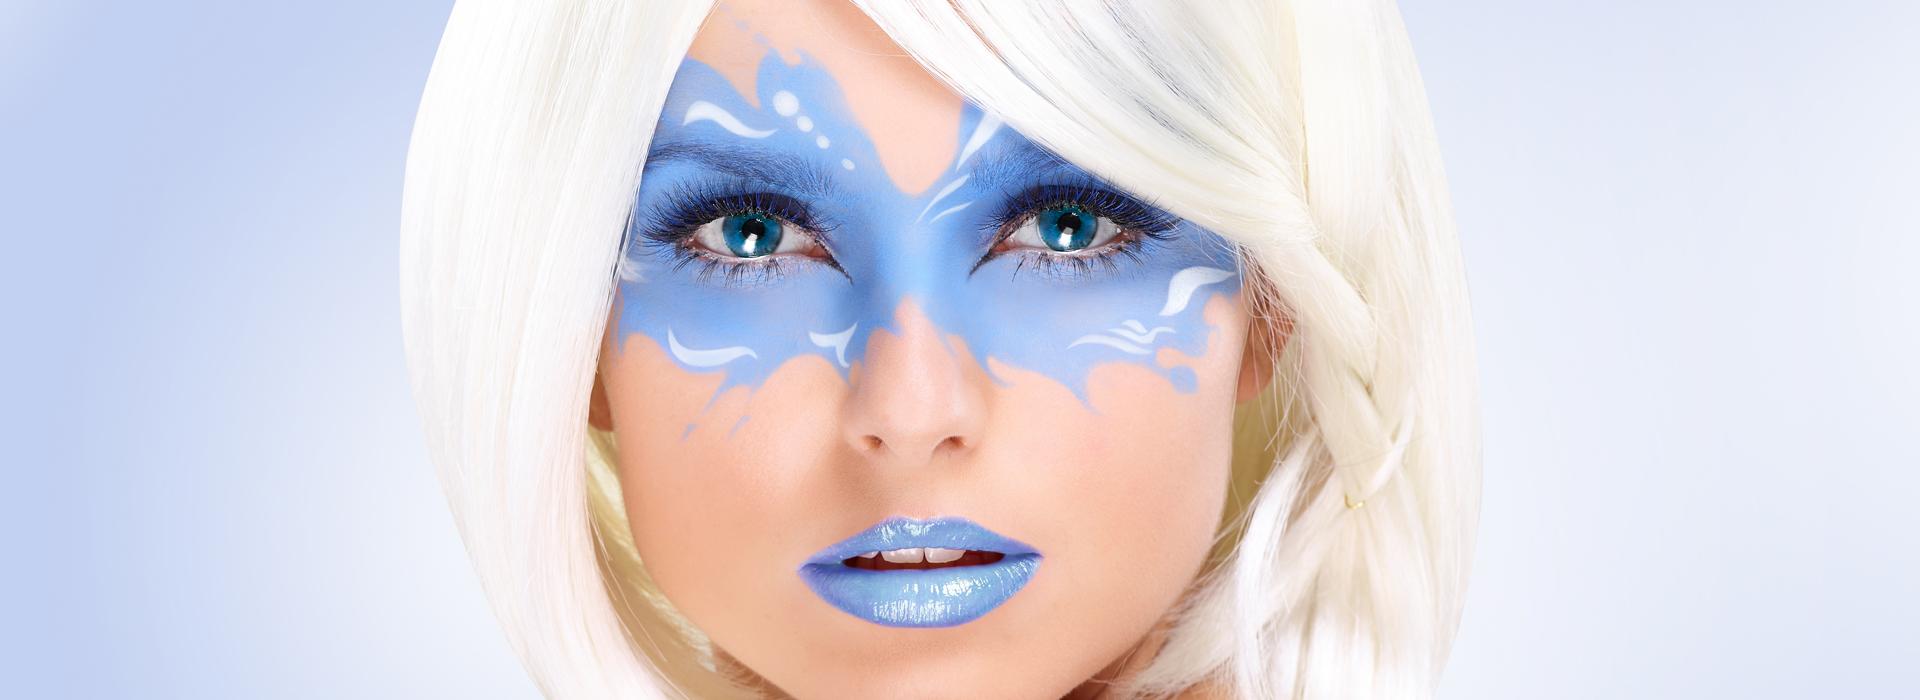 Blueface1920x700